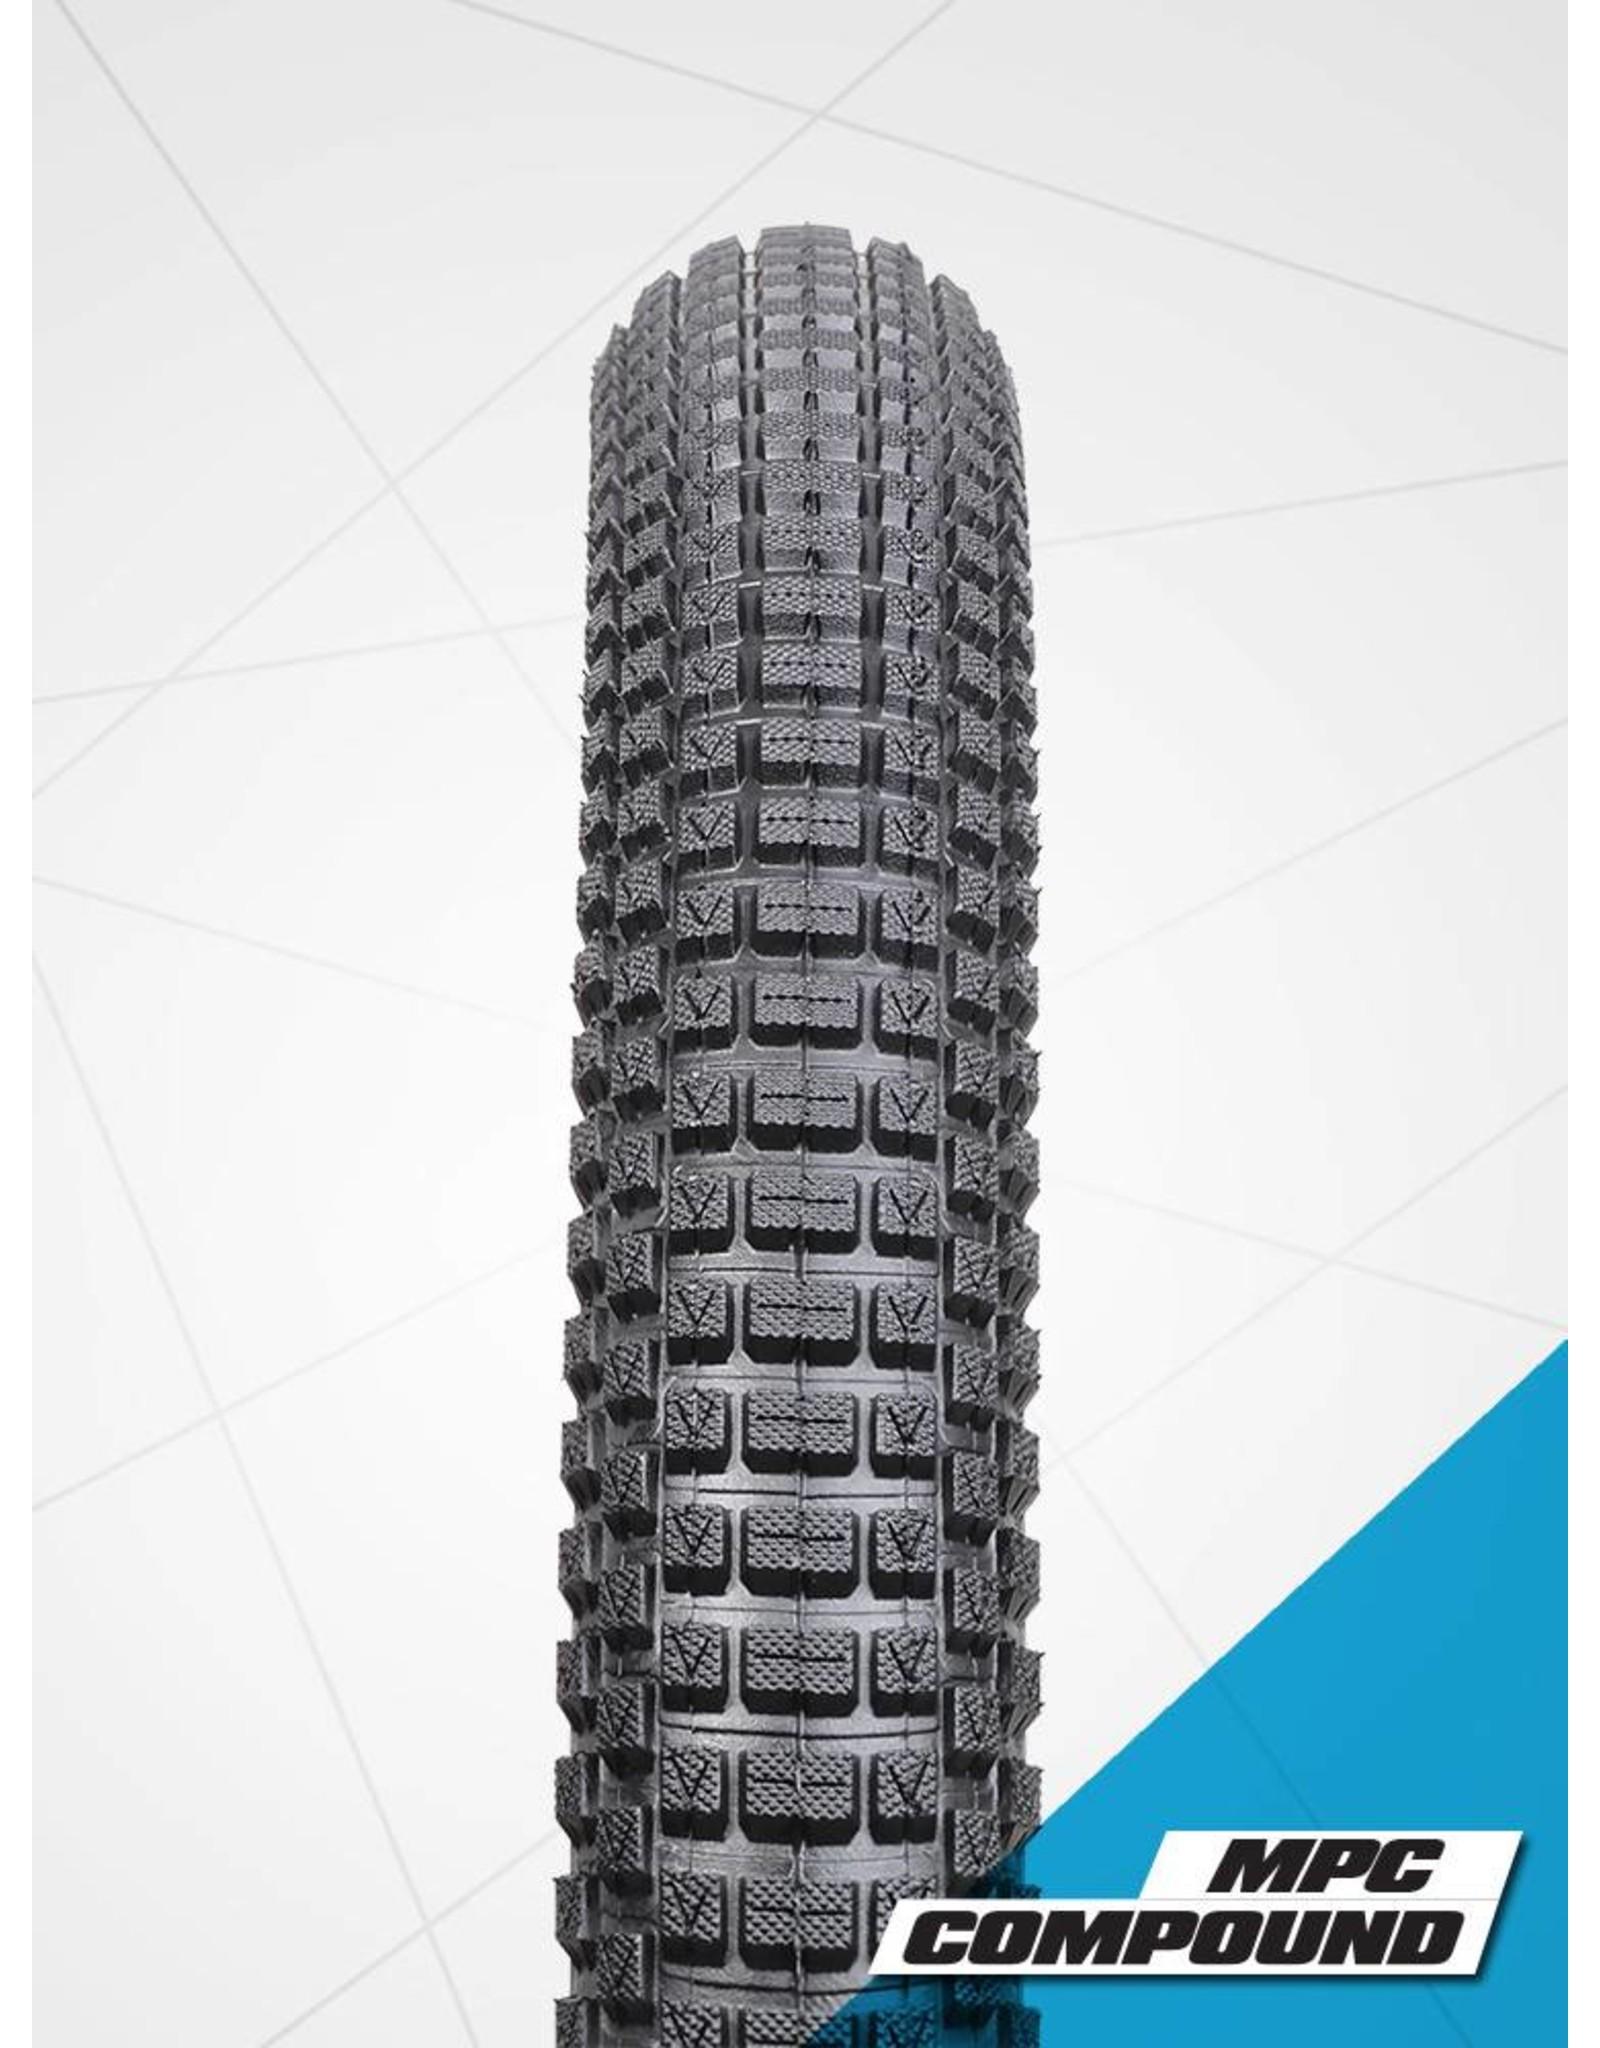 VEE RUBBER Vee Rubber Tire - 14 x 1.75